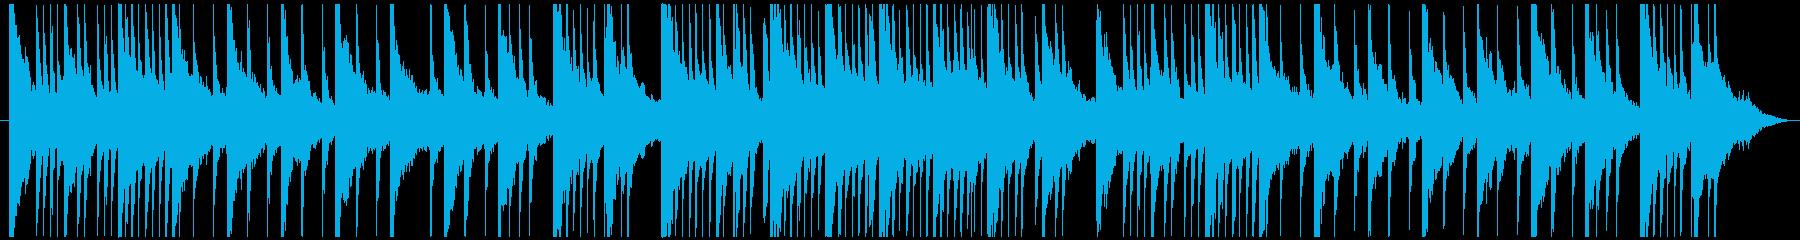 少し哀愁を感じる和テイストなBGMの再生済みの波形